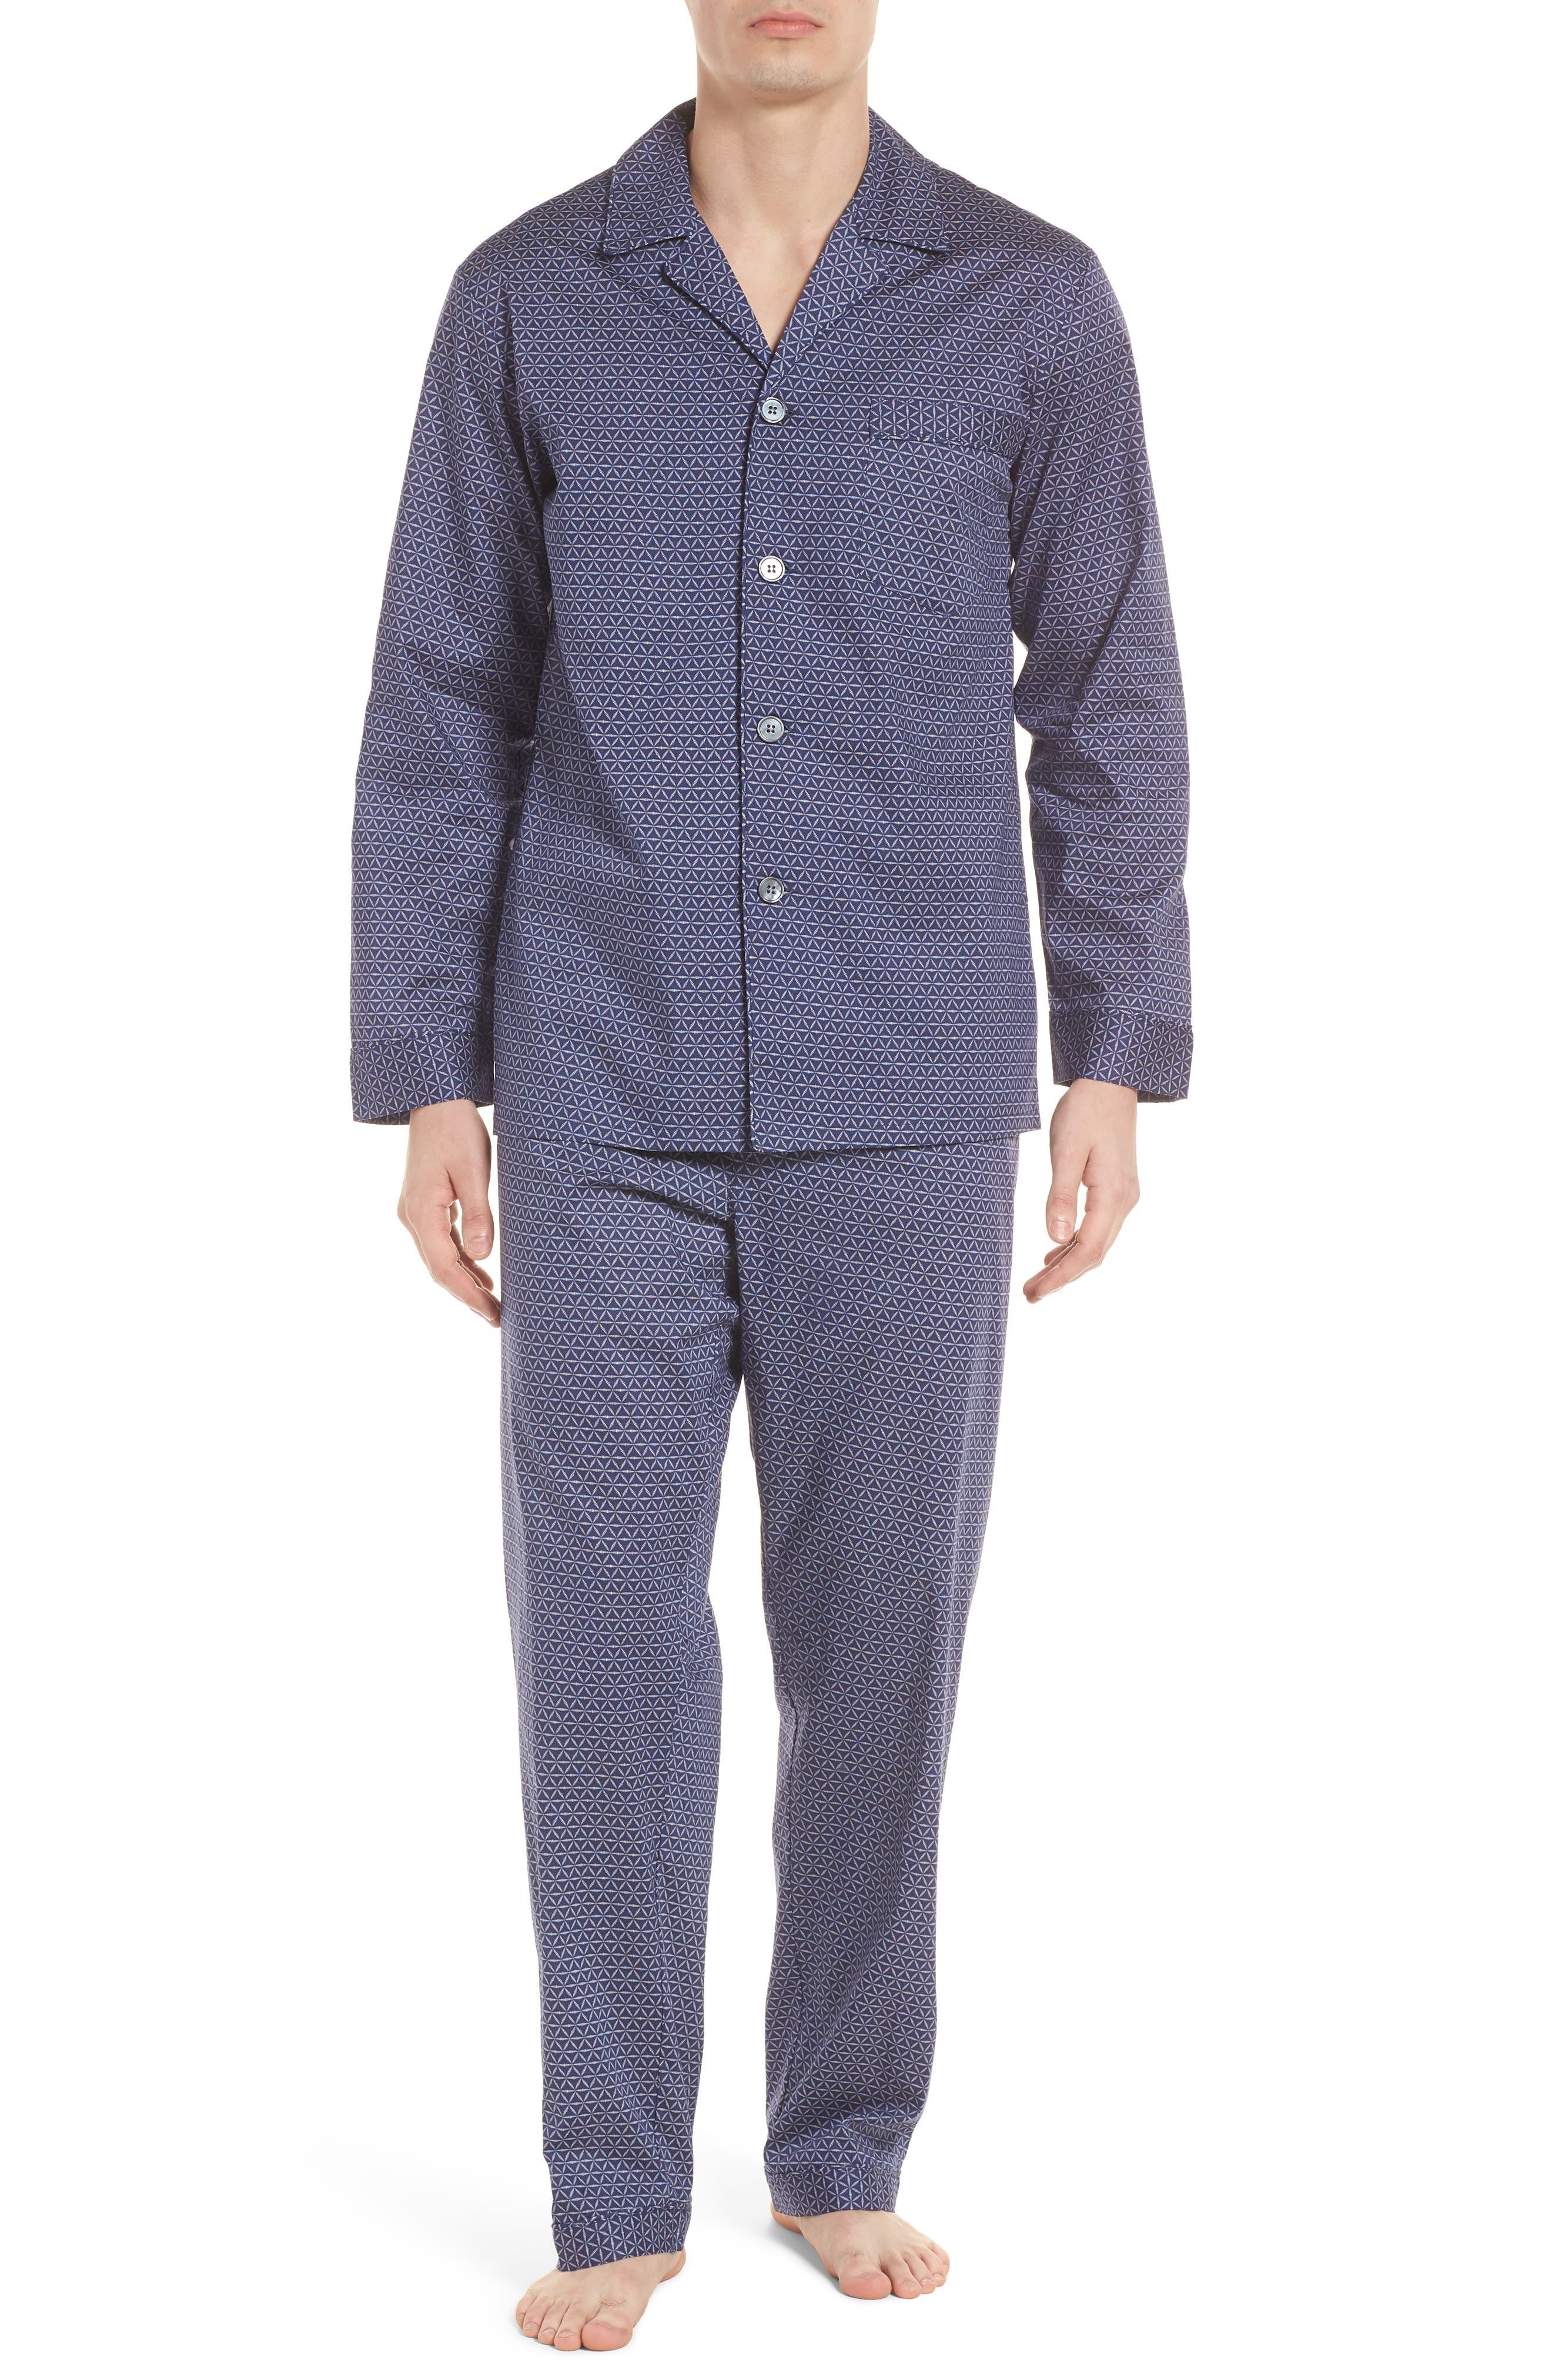 Starling Pajama Set,                         Main,                         color, NAVY